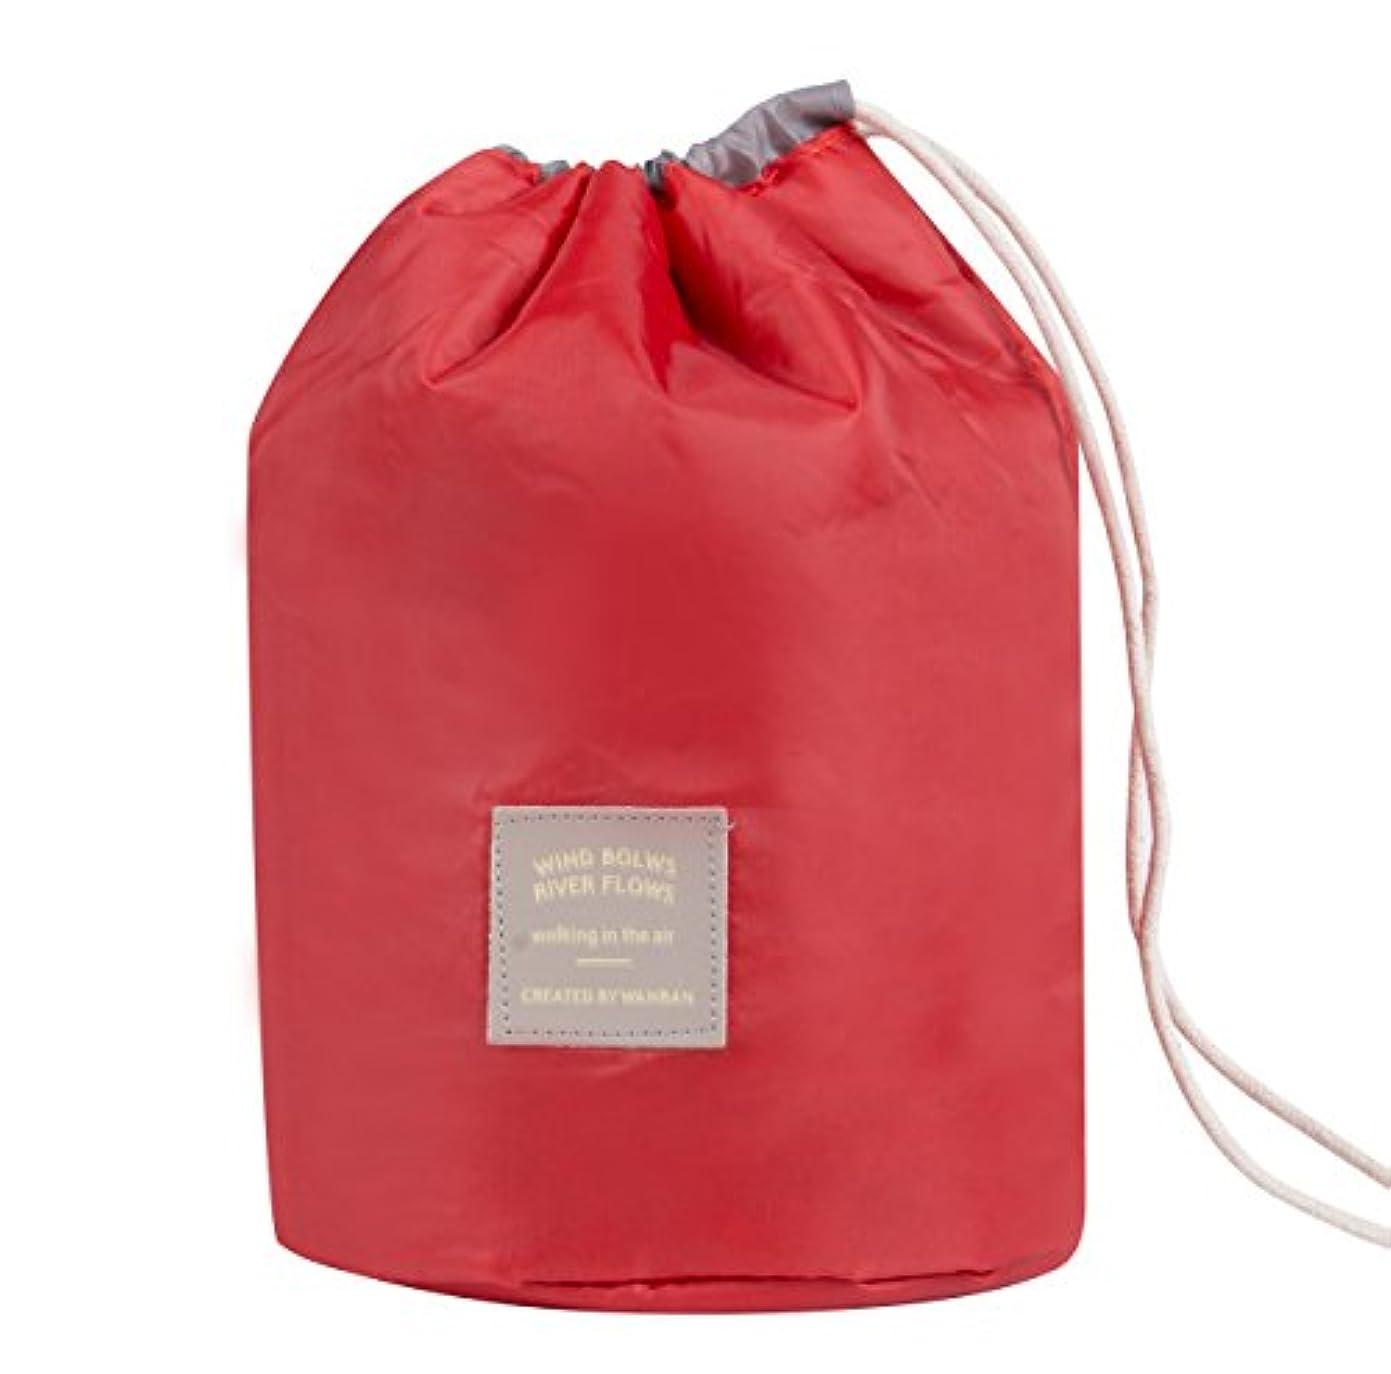 吸収コンバーチブルネックレット巾着袋 大容量 防水 防塵 化粧ポーチ 収納 コップ袋 円筒 ミニポーチ+PVCブラシバッグ付き (レッド)